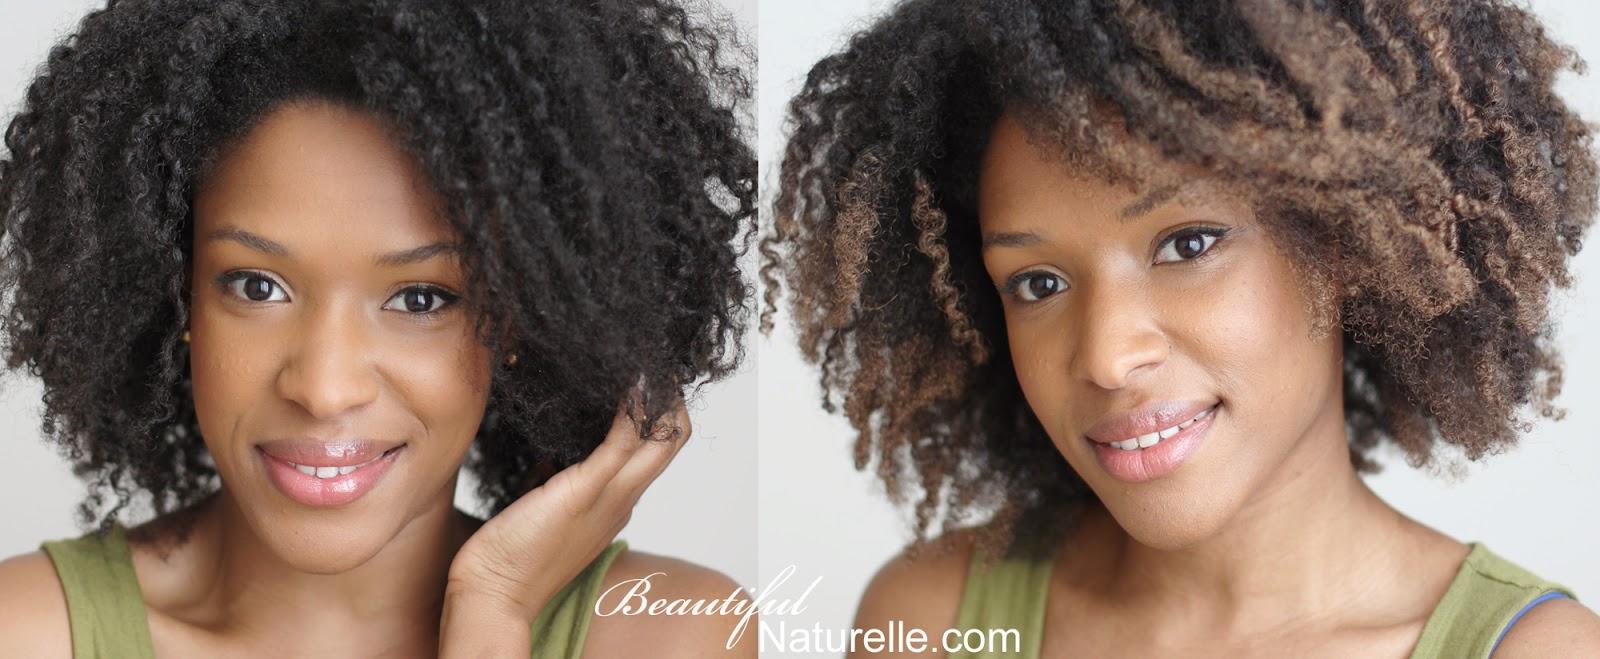 avant et aprs application de la coloration phmre beach bronze de loral sur cheveux boucls crpus - Coloration Cheveux Friss